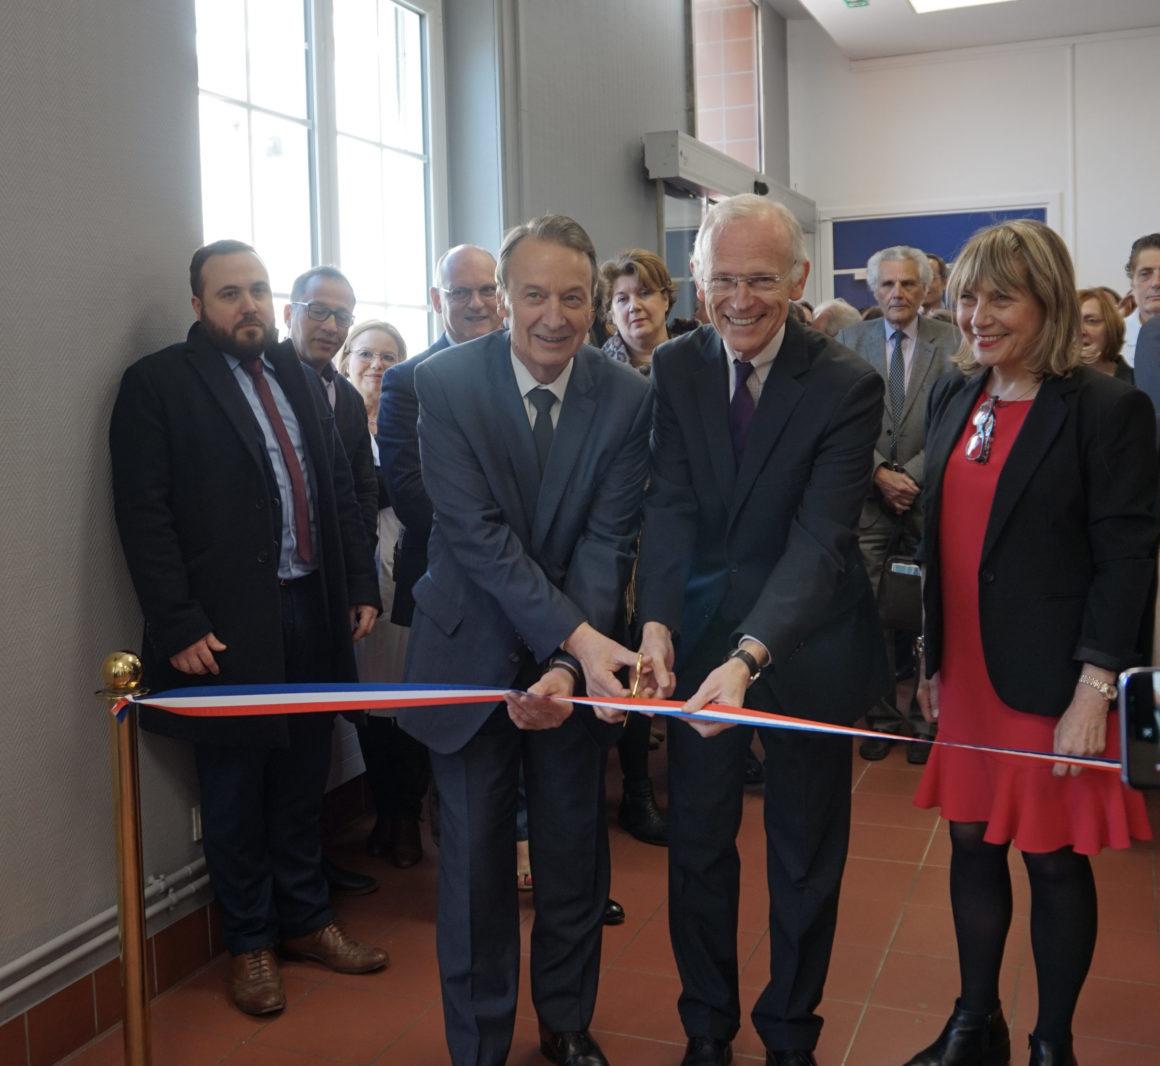 Inauguration du centre de santé Chagall – Gouin à Clichy